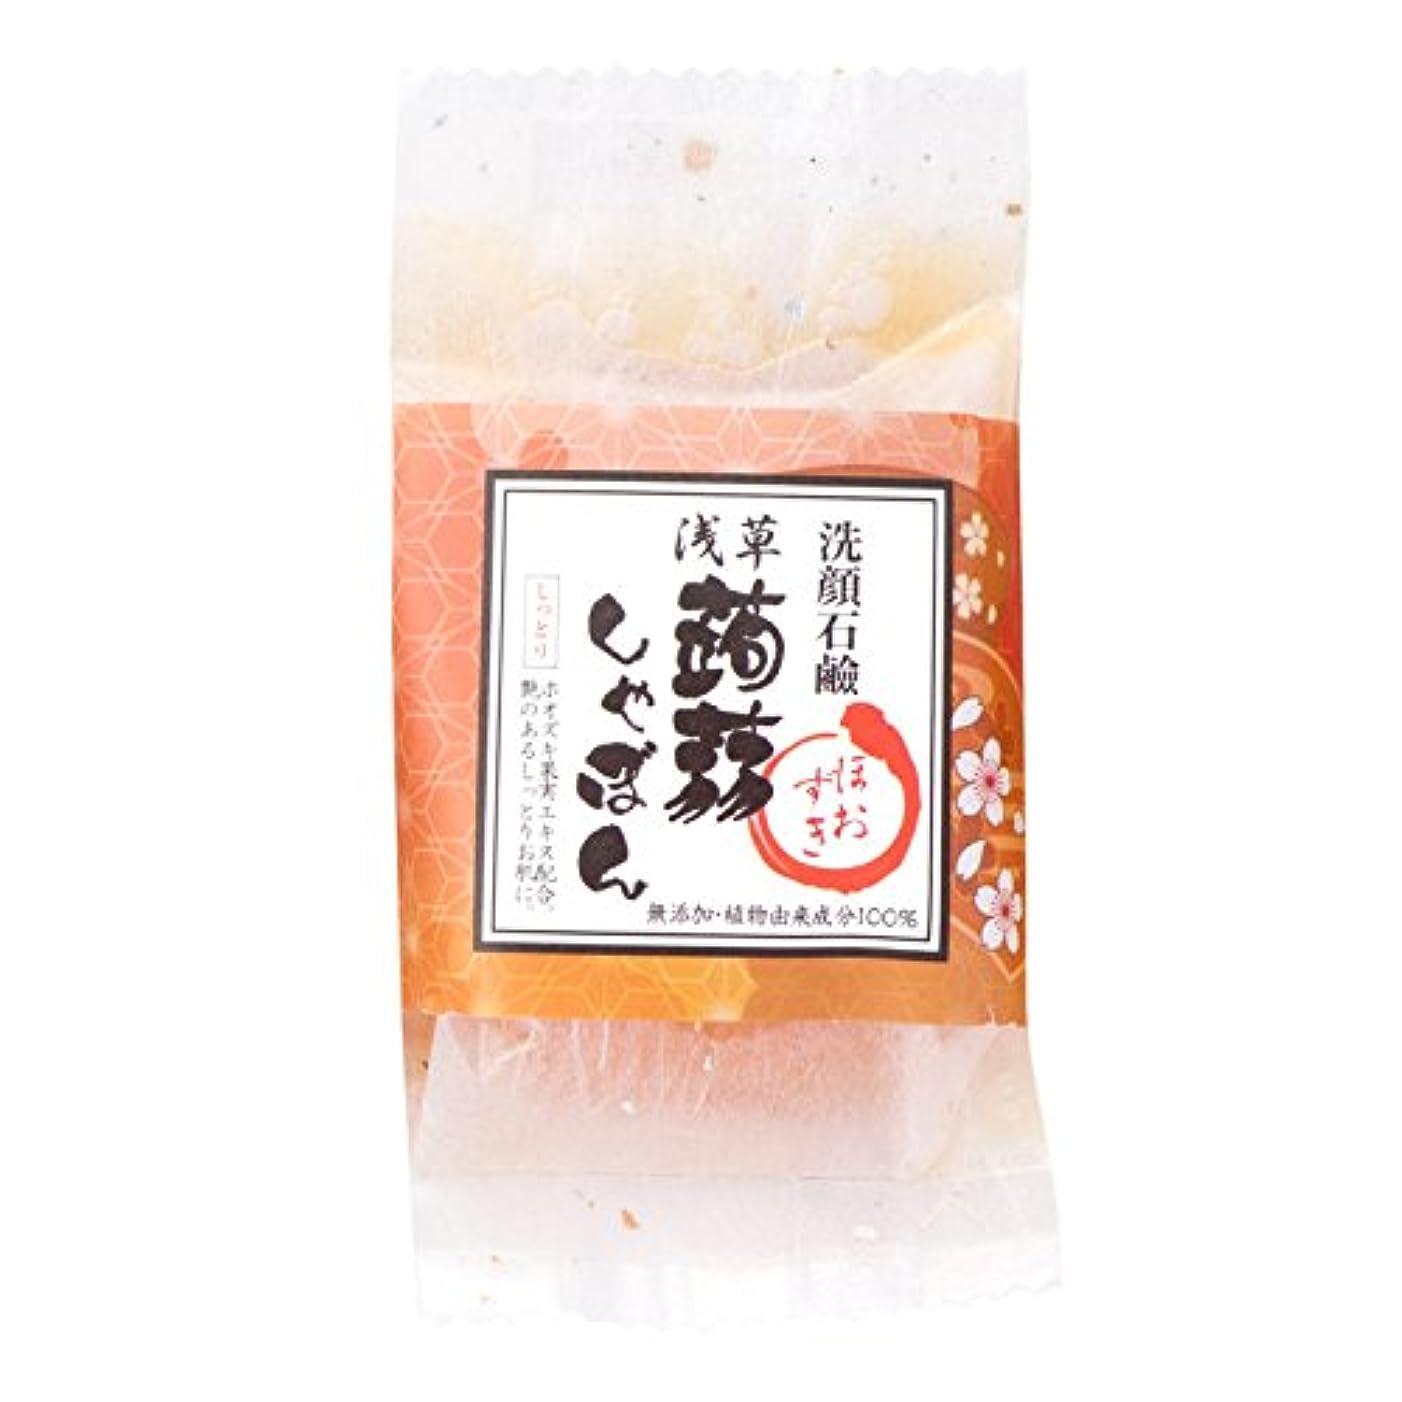 アデレード肌寒い選択する浅草蒟蒻しゃぼん浅草 ほおずき(ほおずき)